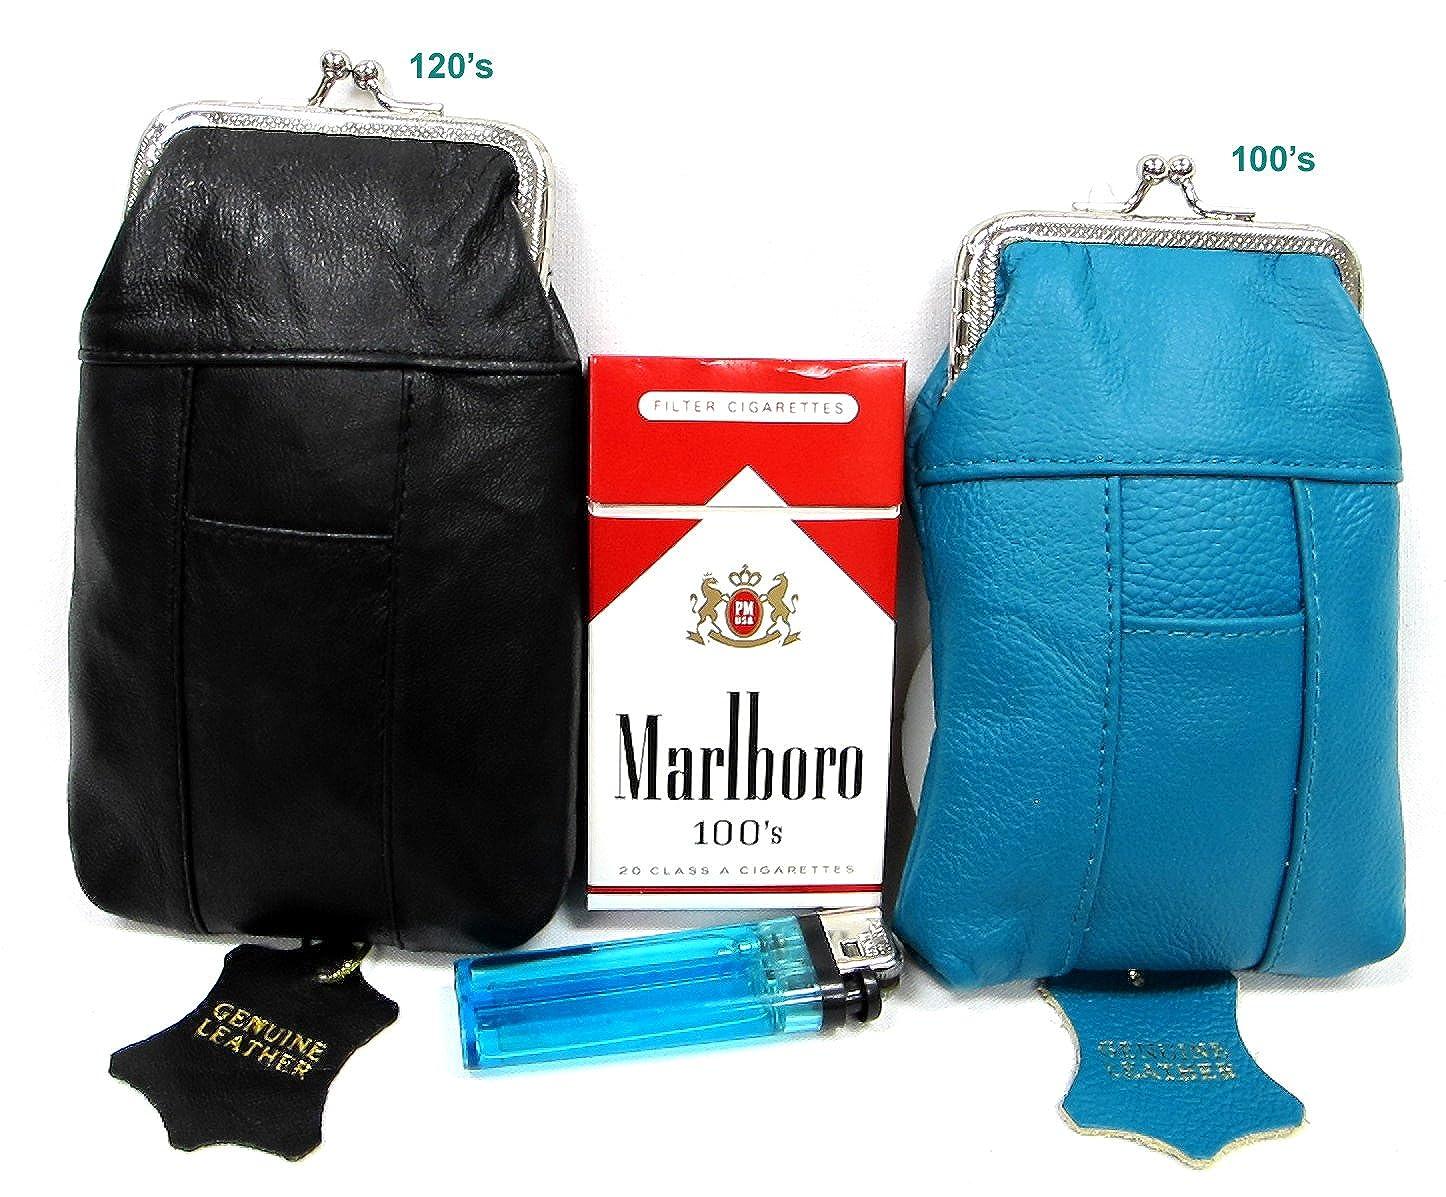 Cheapest cigarettes Marlboro in tampa